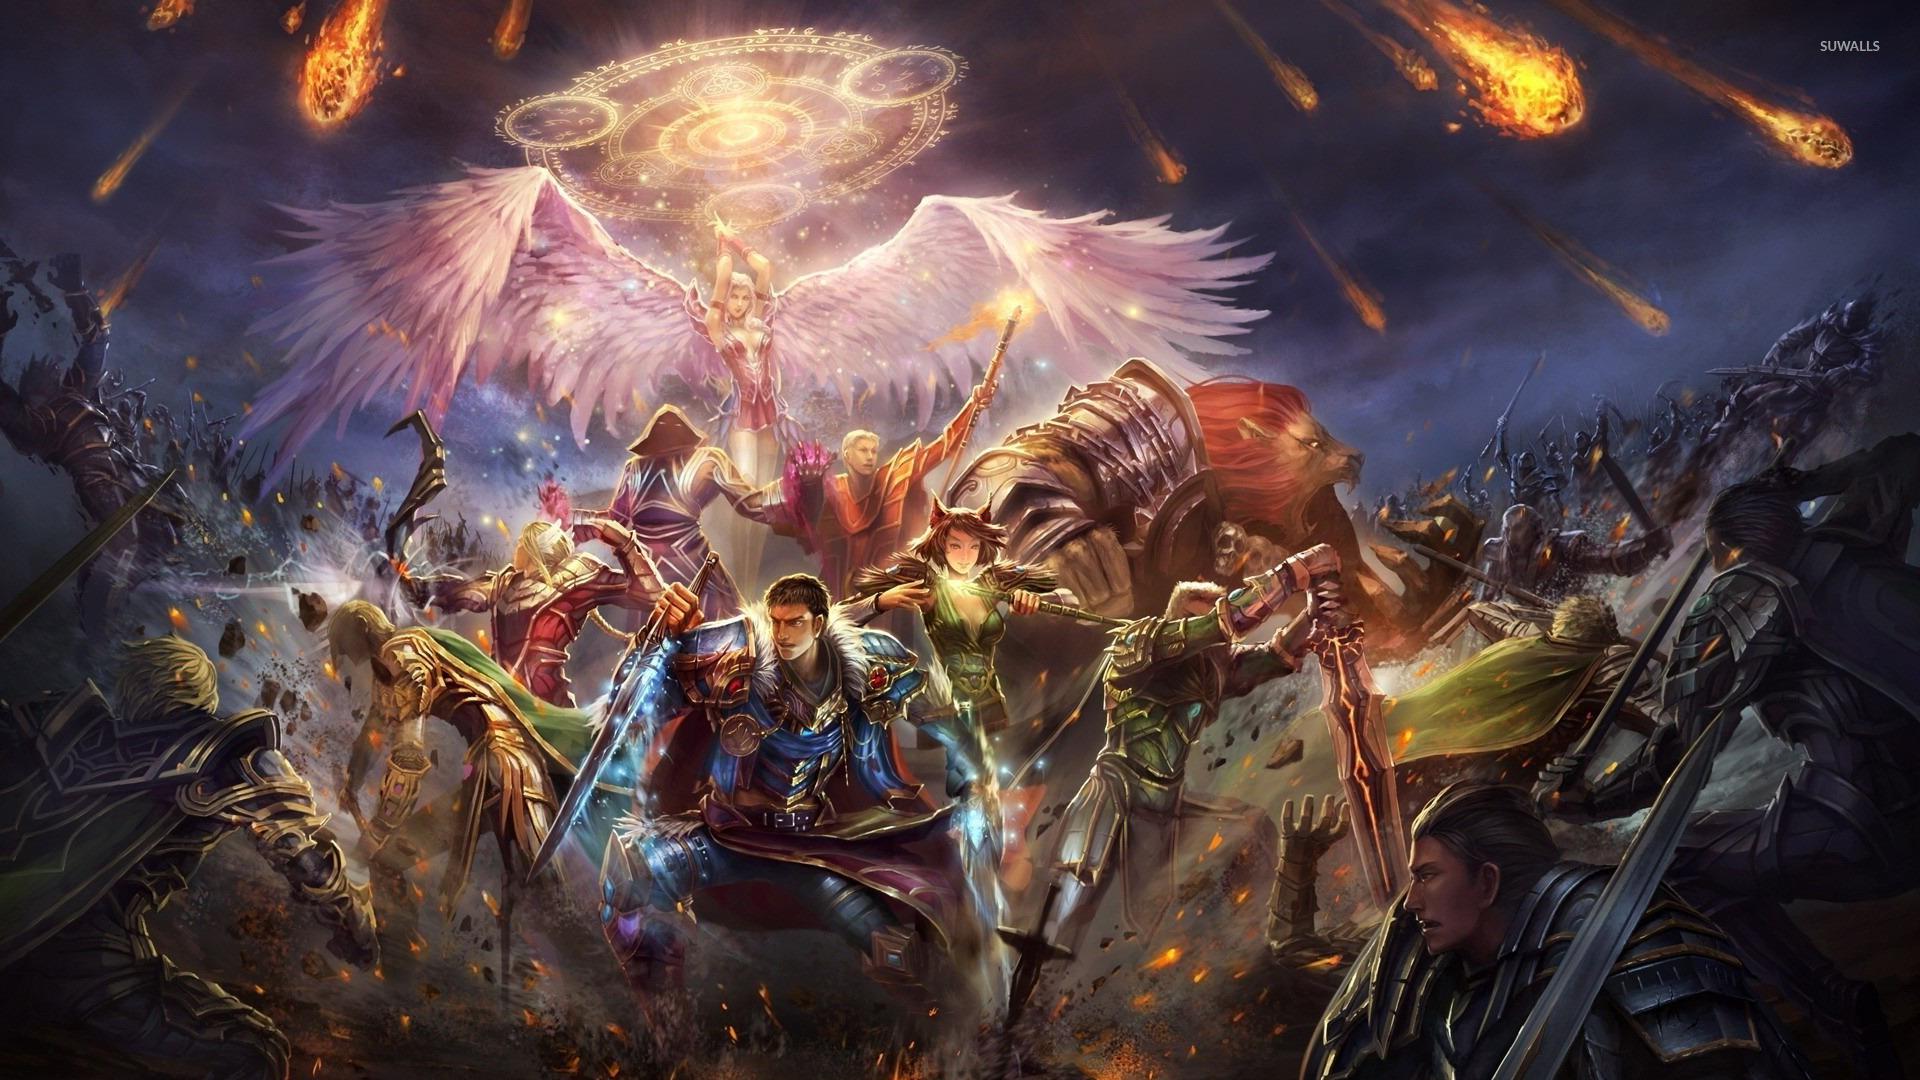 Epic Fantasy Wallpaper - WallpaperSafari